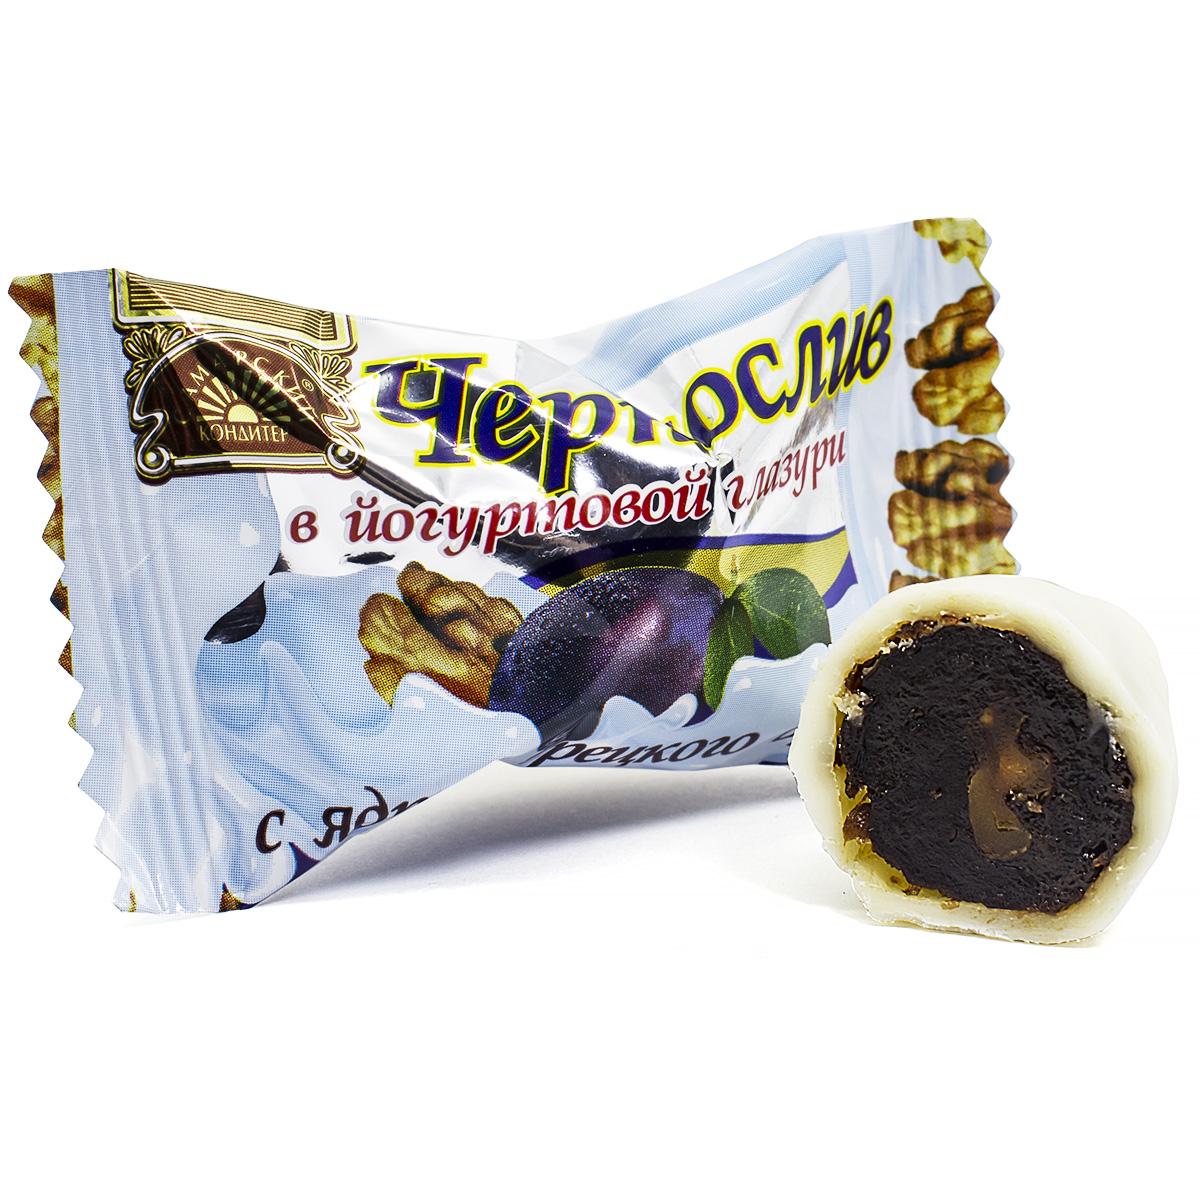 Конфеты Чернослив в йогуртовой глазури с грецким орехом, 200 г